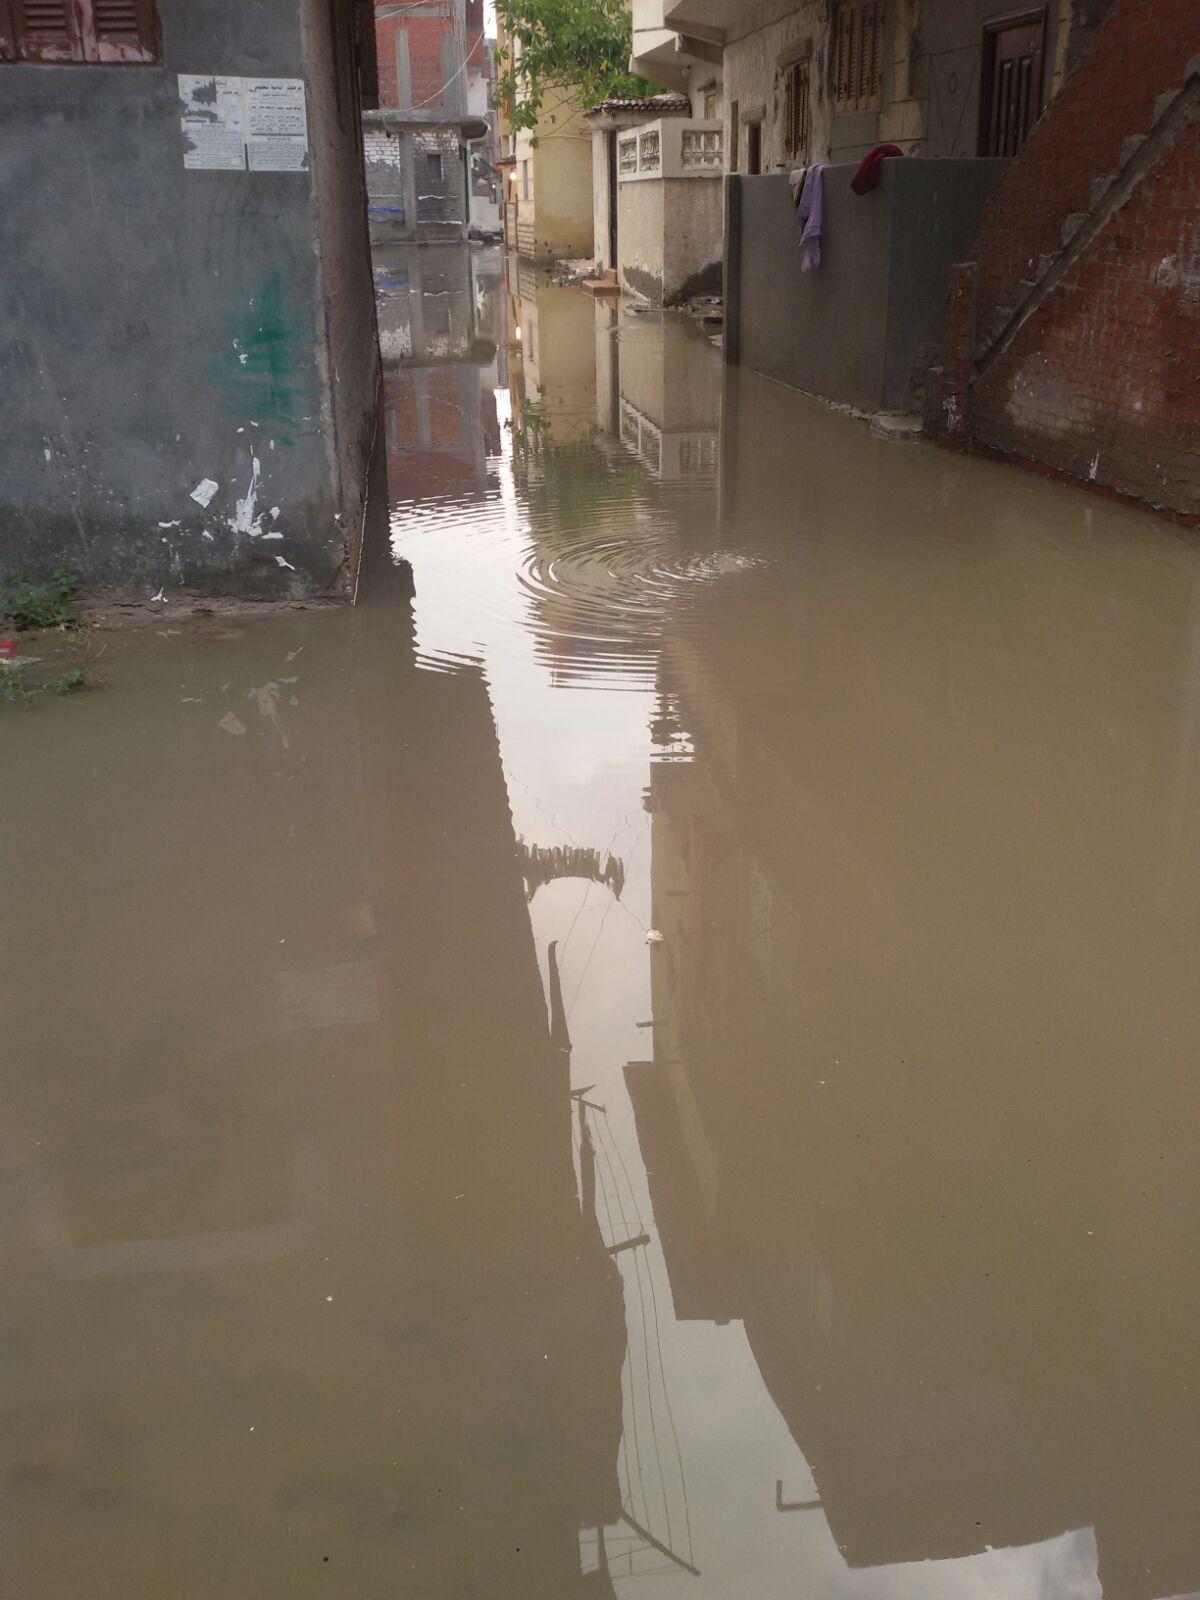 تواصل أزمة الأمطار والصرف بكفر الدوار.. والمياه تغمر المنازل